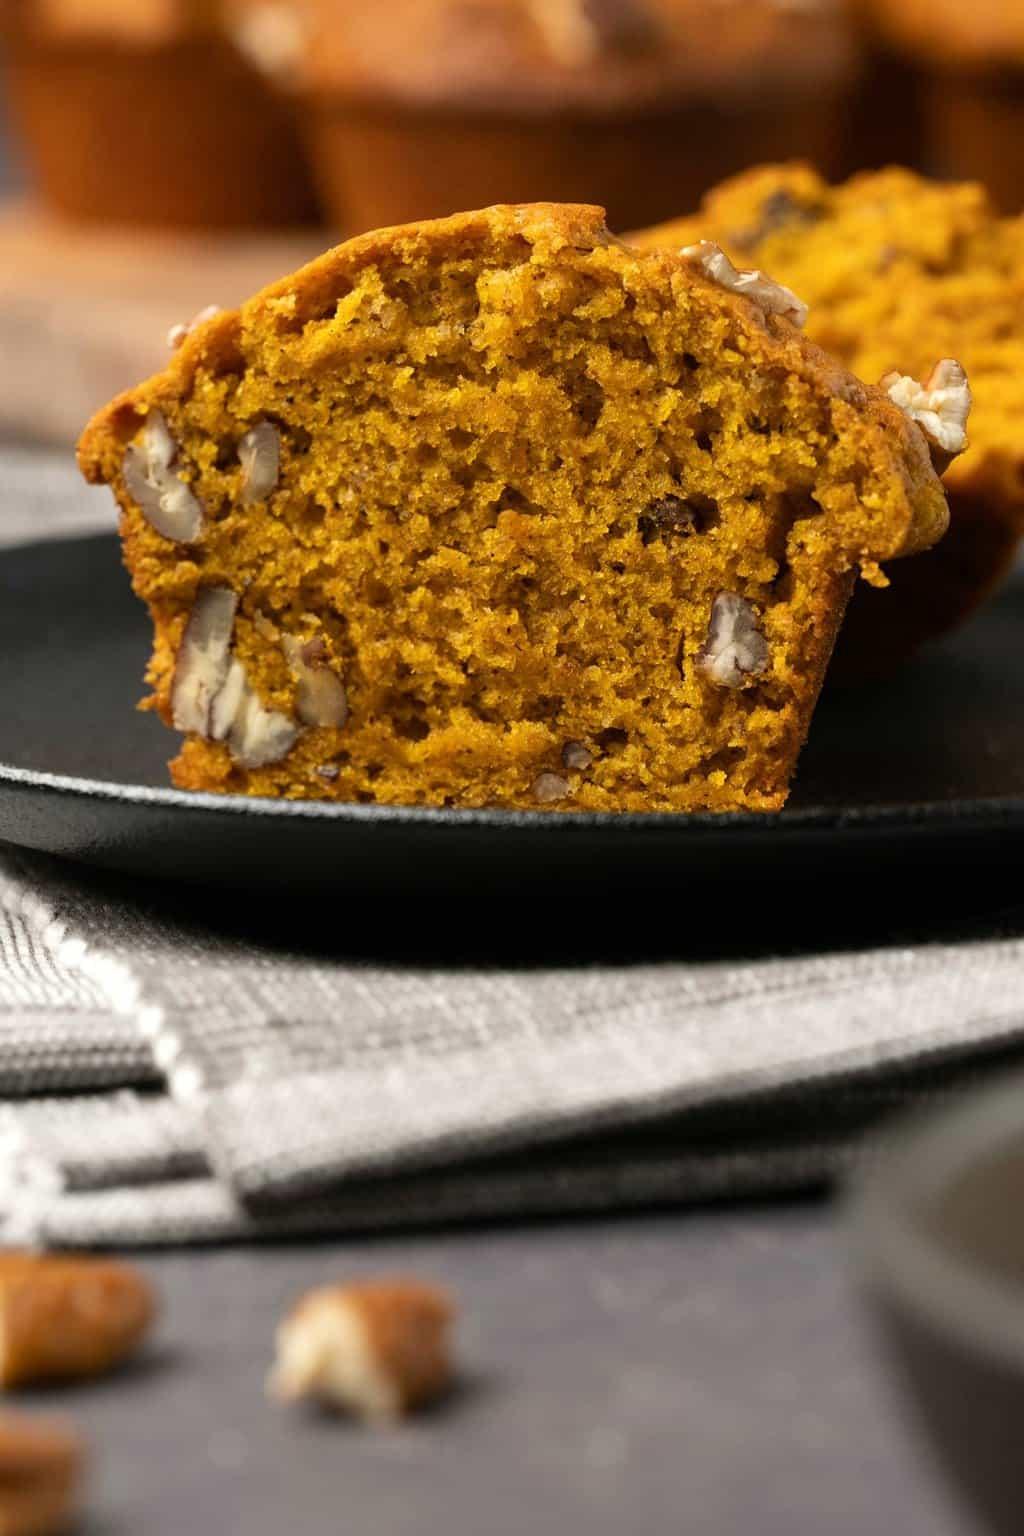 Pumpkin muffin cut in half on a black plate.